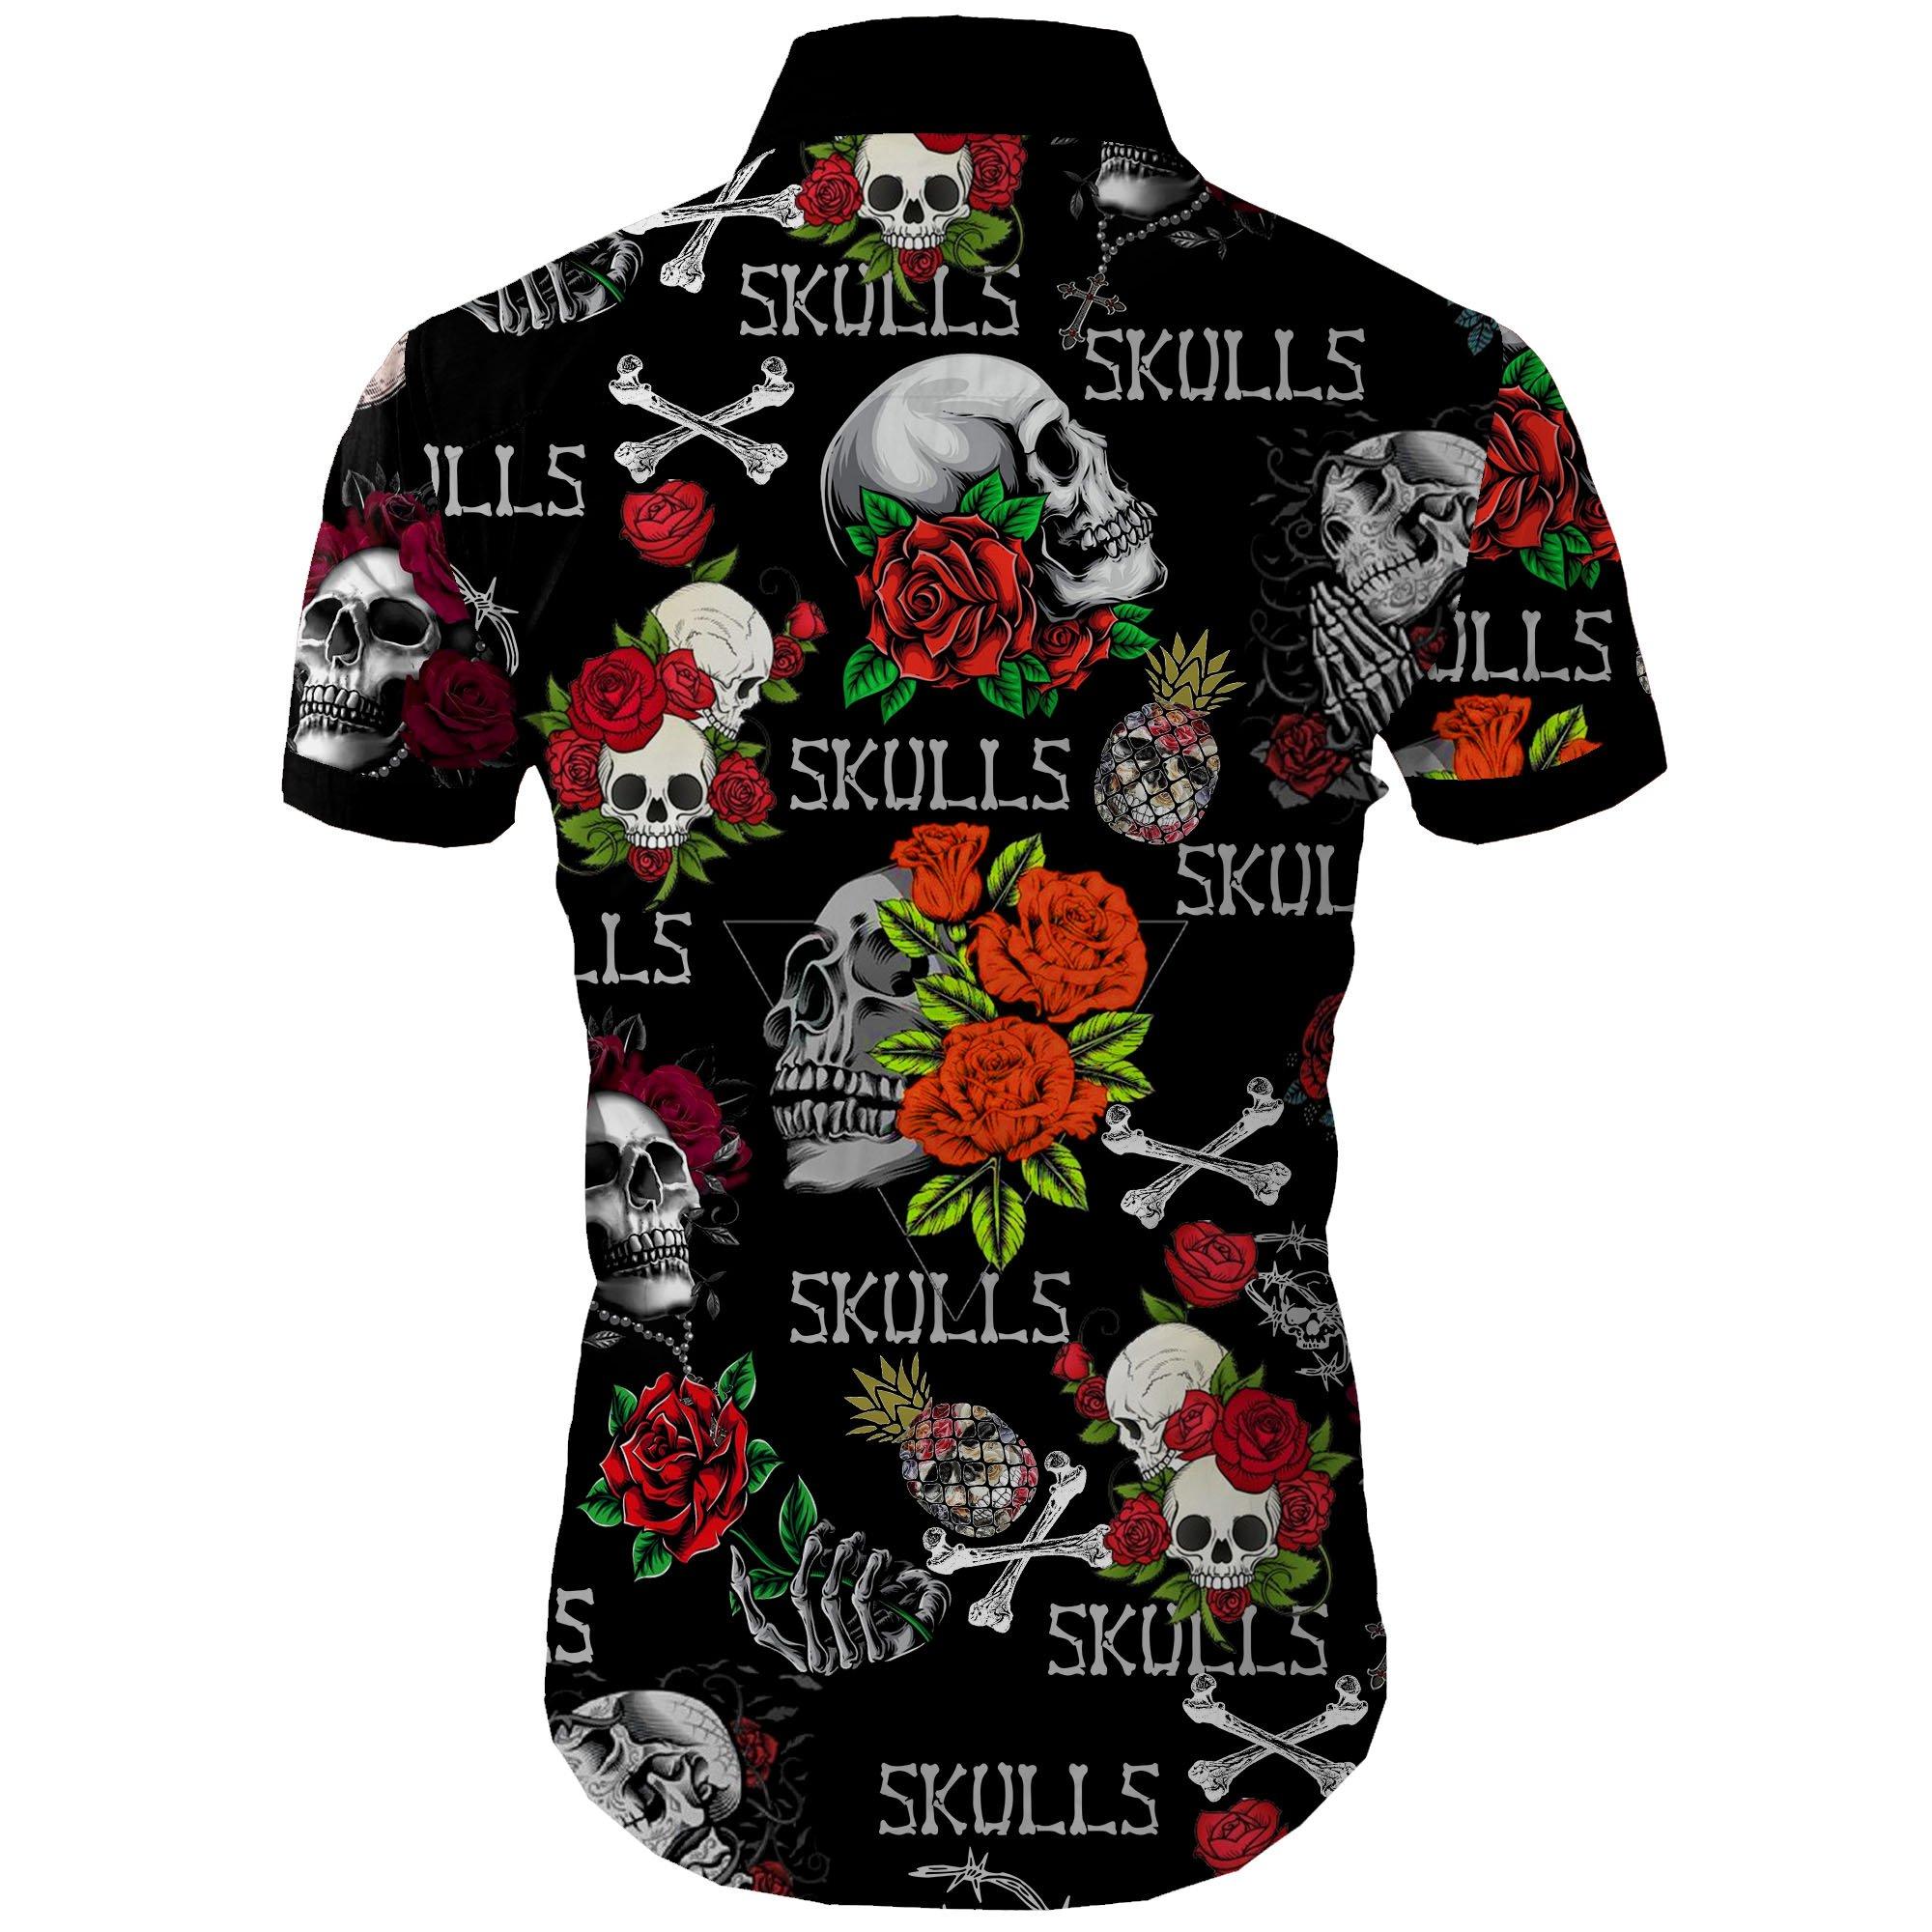 Skull and roses all over printed hawaiian shirt 2